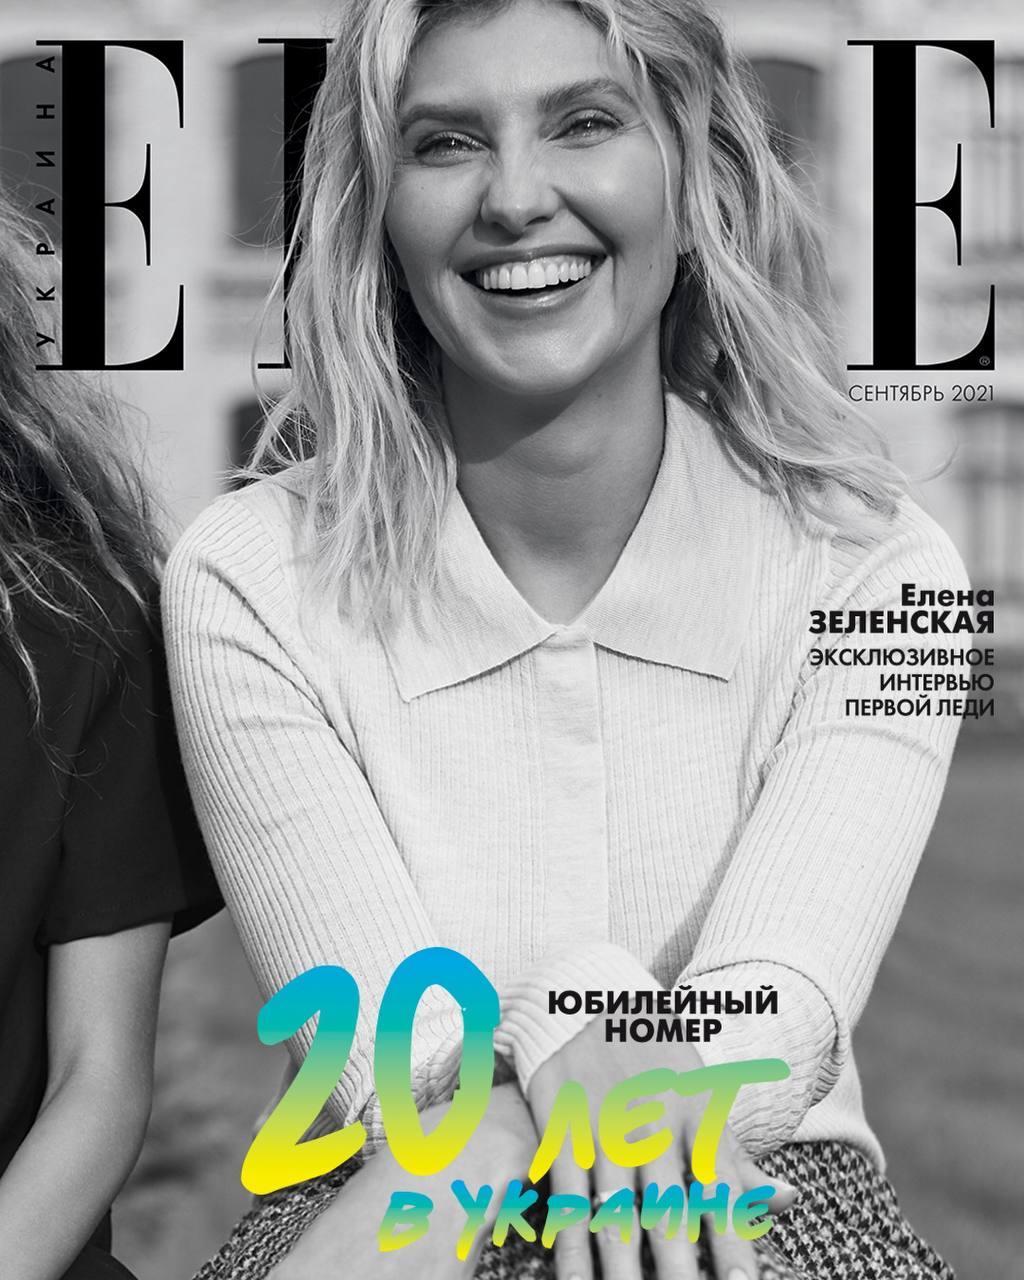 Олена Зеленська з'явилася на обкладинці жіночого журналу / фото elle.ua